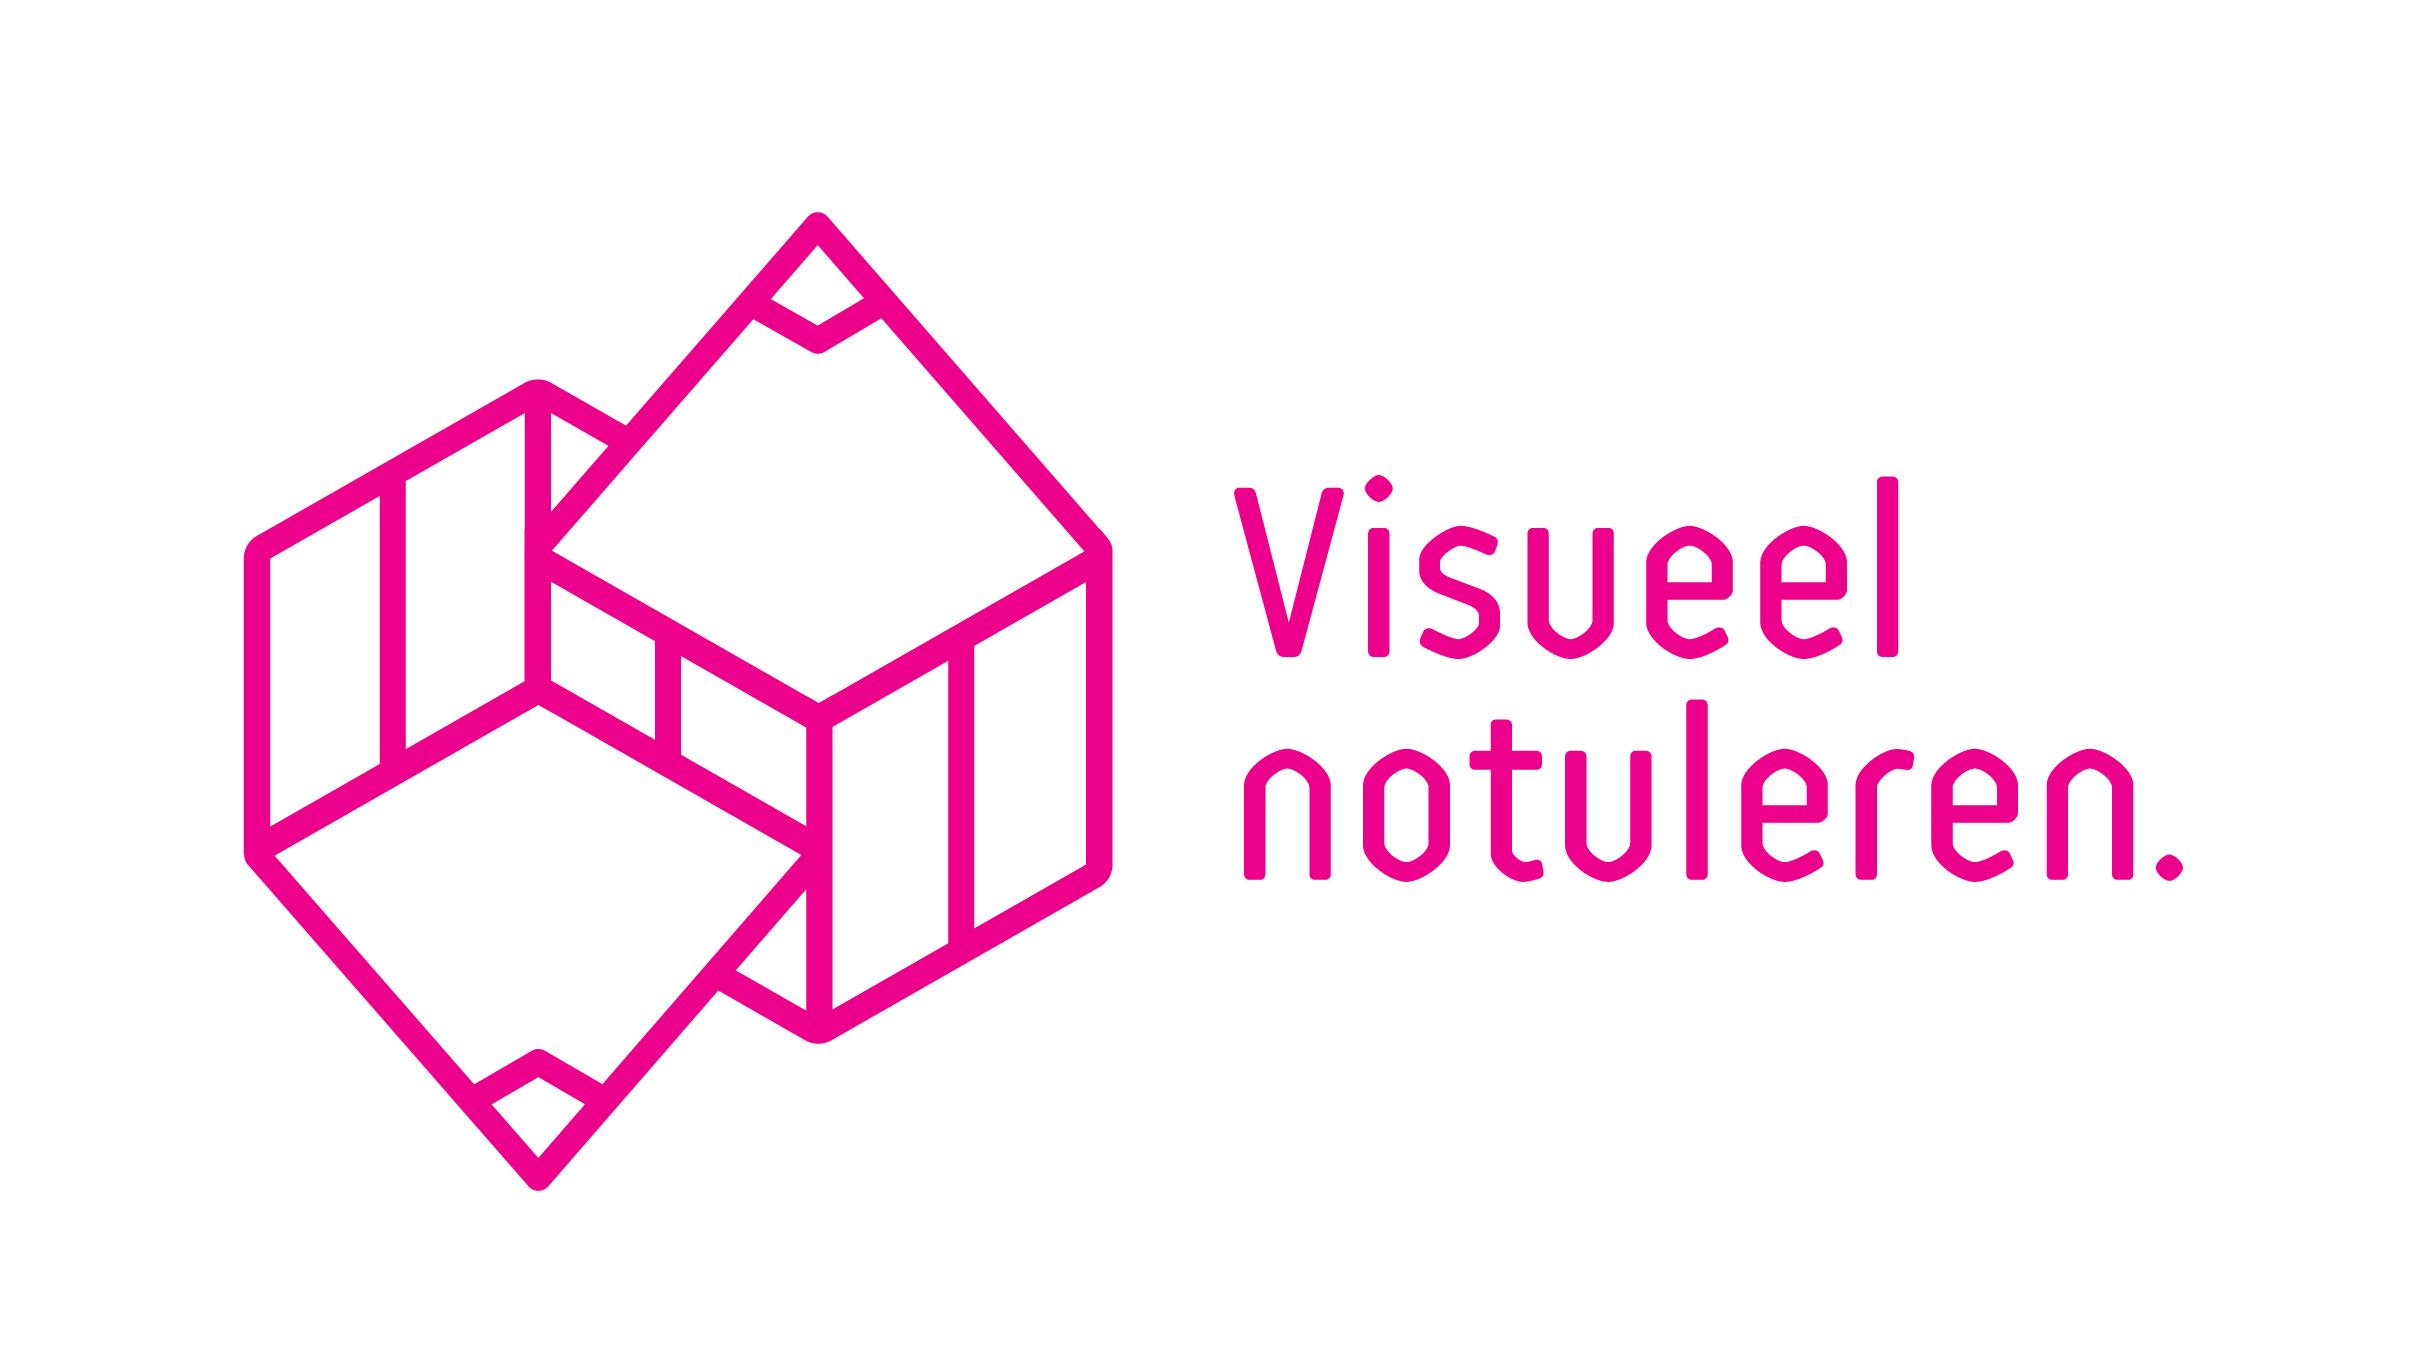 Visueel notuleren logo